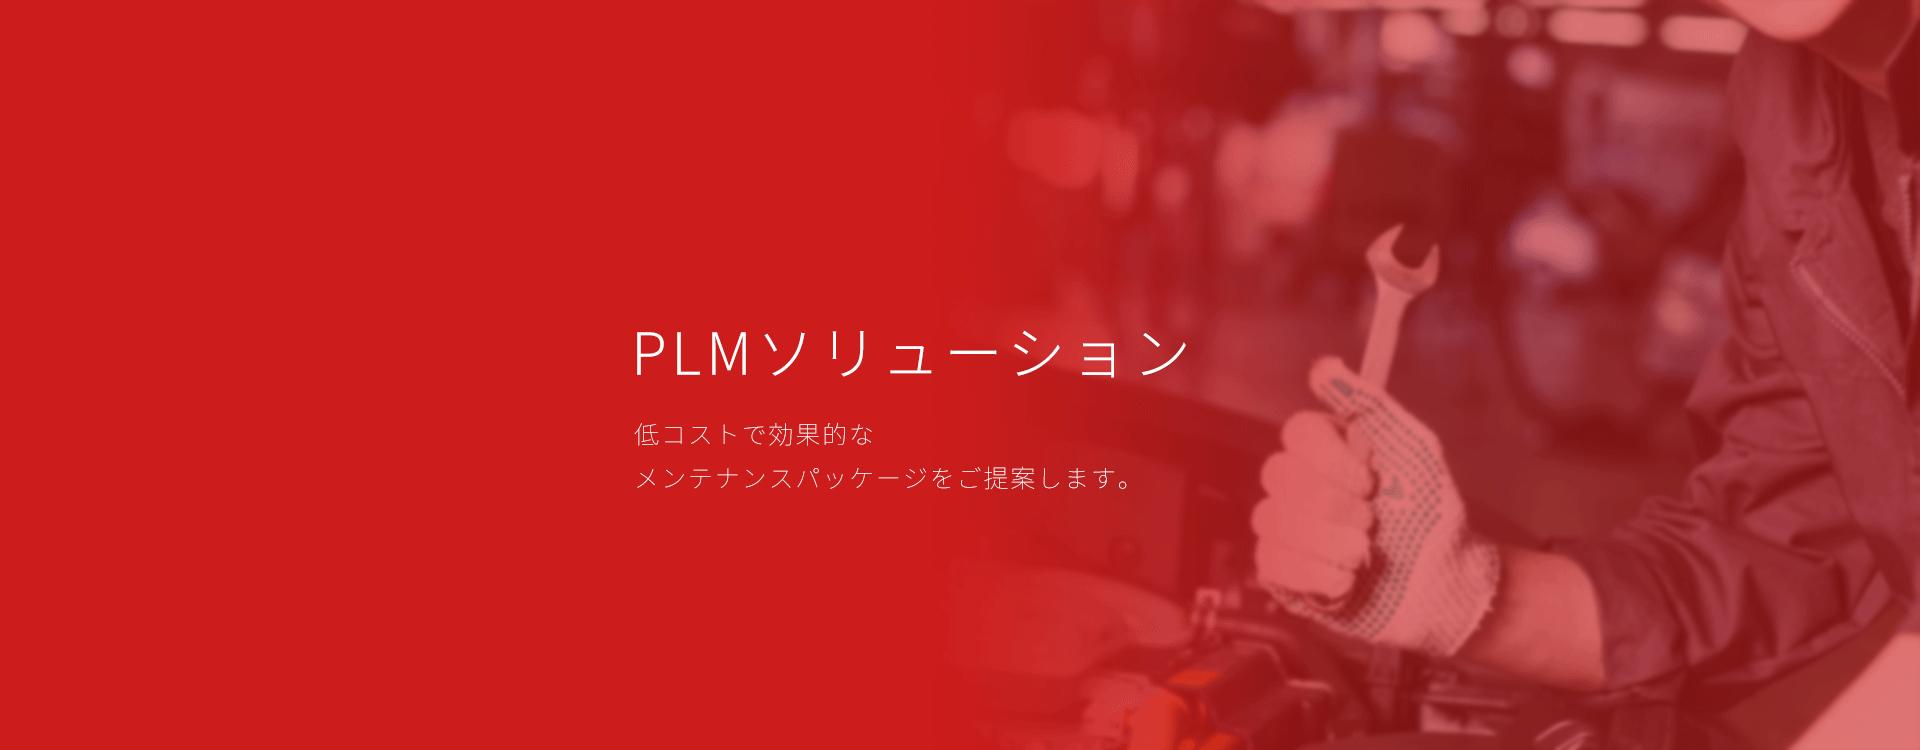 PLMソリューション